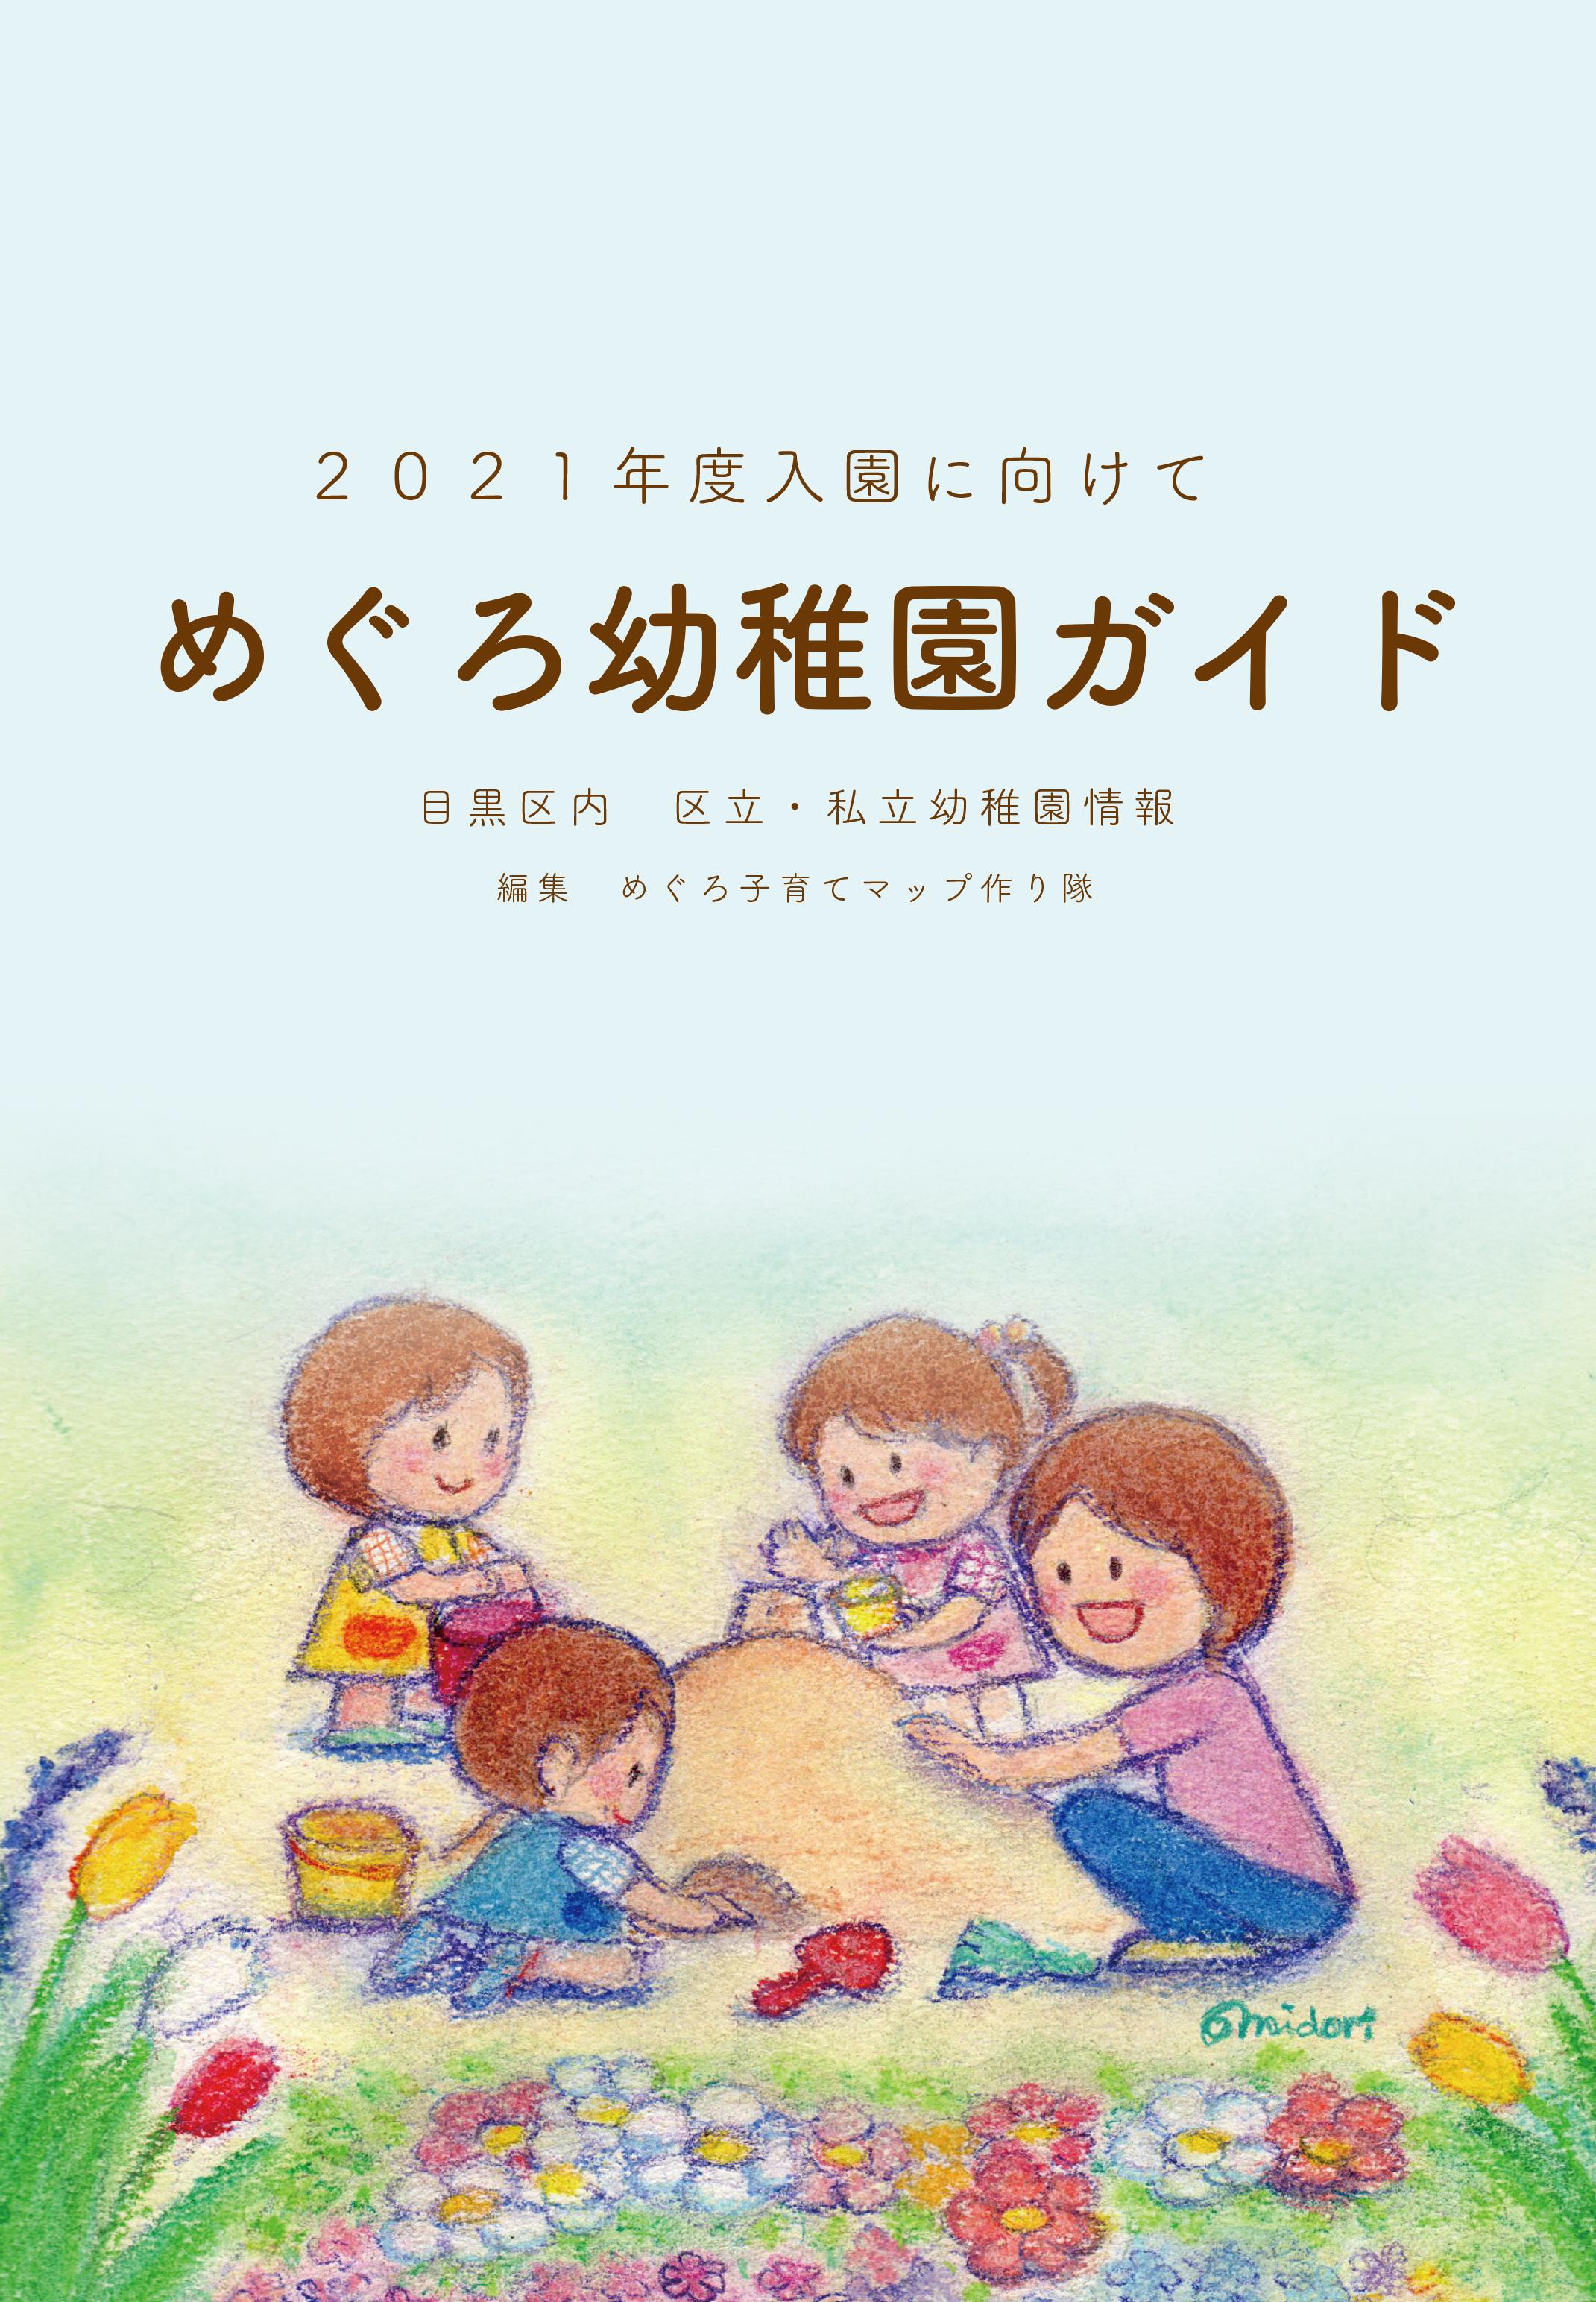 2020年度入園向け「めぐろ幼稚園ガイド」発行しました!